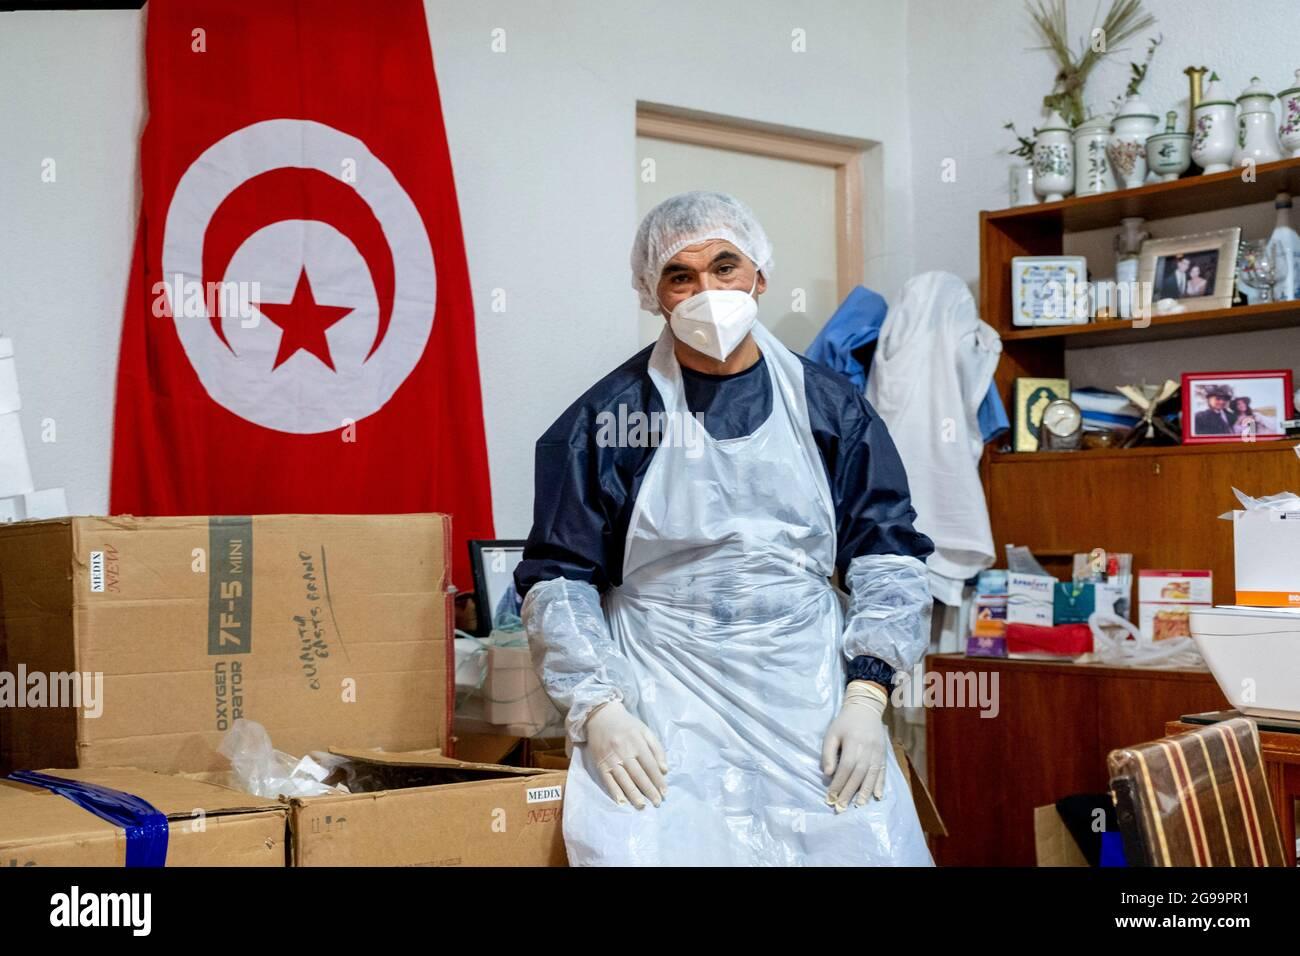 Médecin généraliste Dr Jalel Ben Youssef dans son bureau de la petite ville d'Utique au nord de Tunis, en Tunisie, le 23 juillet 2021. Il a créé un petit hôpital rural. Cet après-midi, une quinzaine de patients occupent le patio, la salle d'attente ou le bureau du médecin pour profiter des ventilateurs à oxygène et des traitements offerts par le médecin généraliste grâce à des dons privés. Il offre ses services médicaux gratuits dans une région agricole loin des hôpitaux. Chaque soir, les patients dans le besoin rentrent chez eux avec des respirateurs. Photo de Nicolas Fauque/Images de Tunisie/ABACAPRESS.COM Banque D'Images